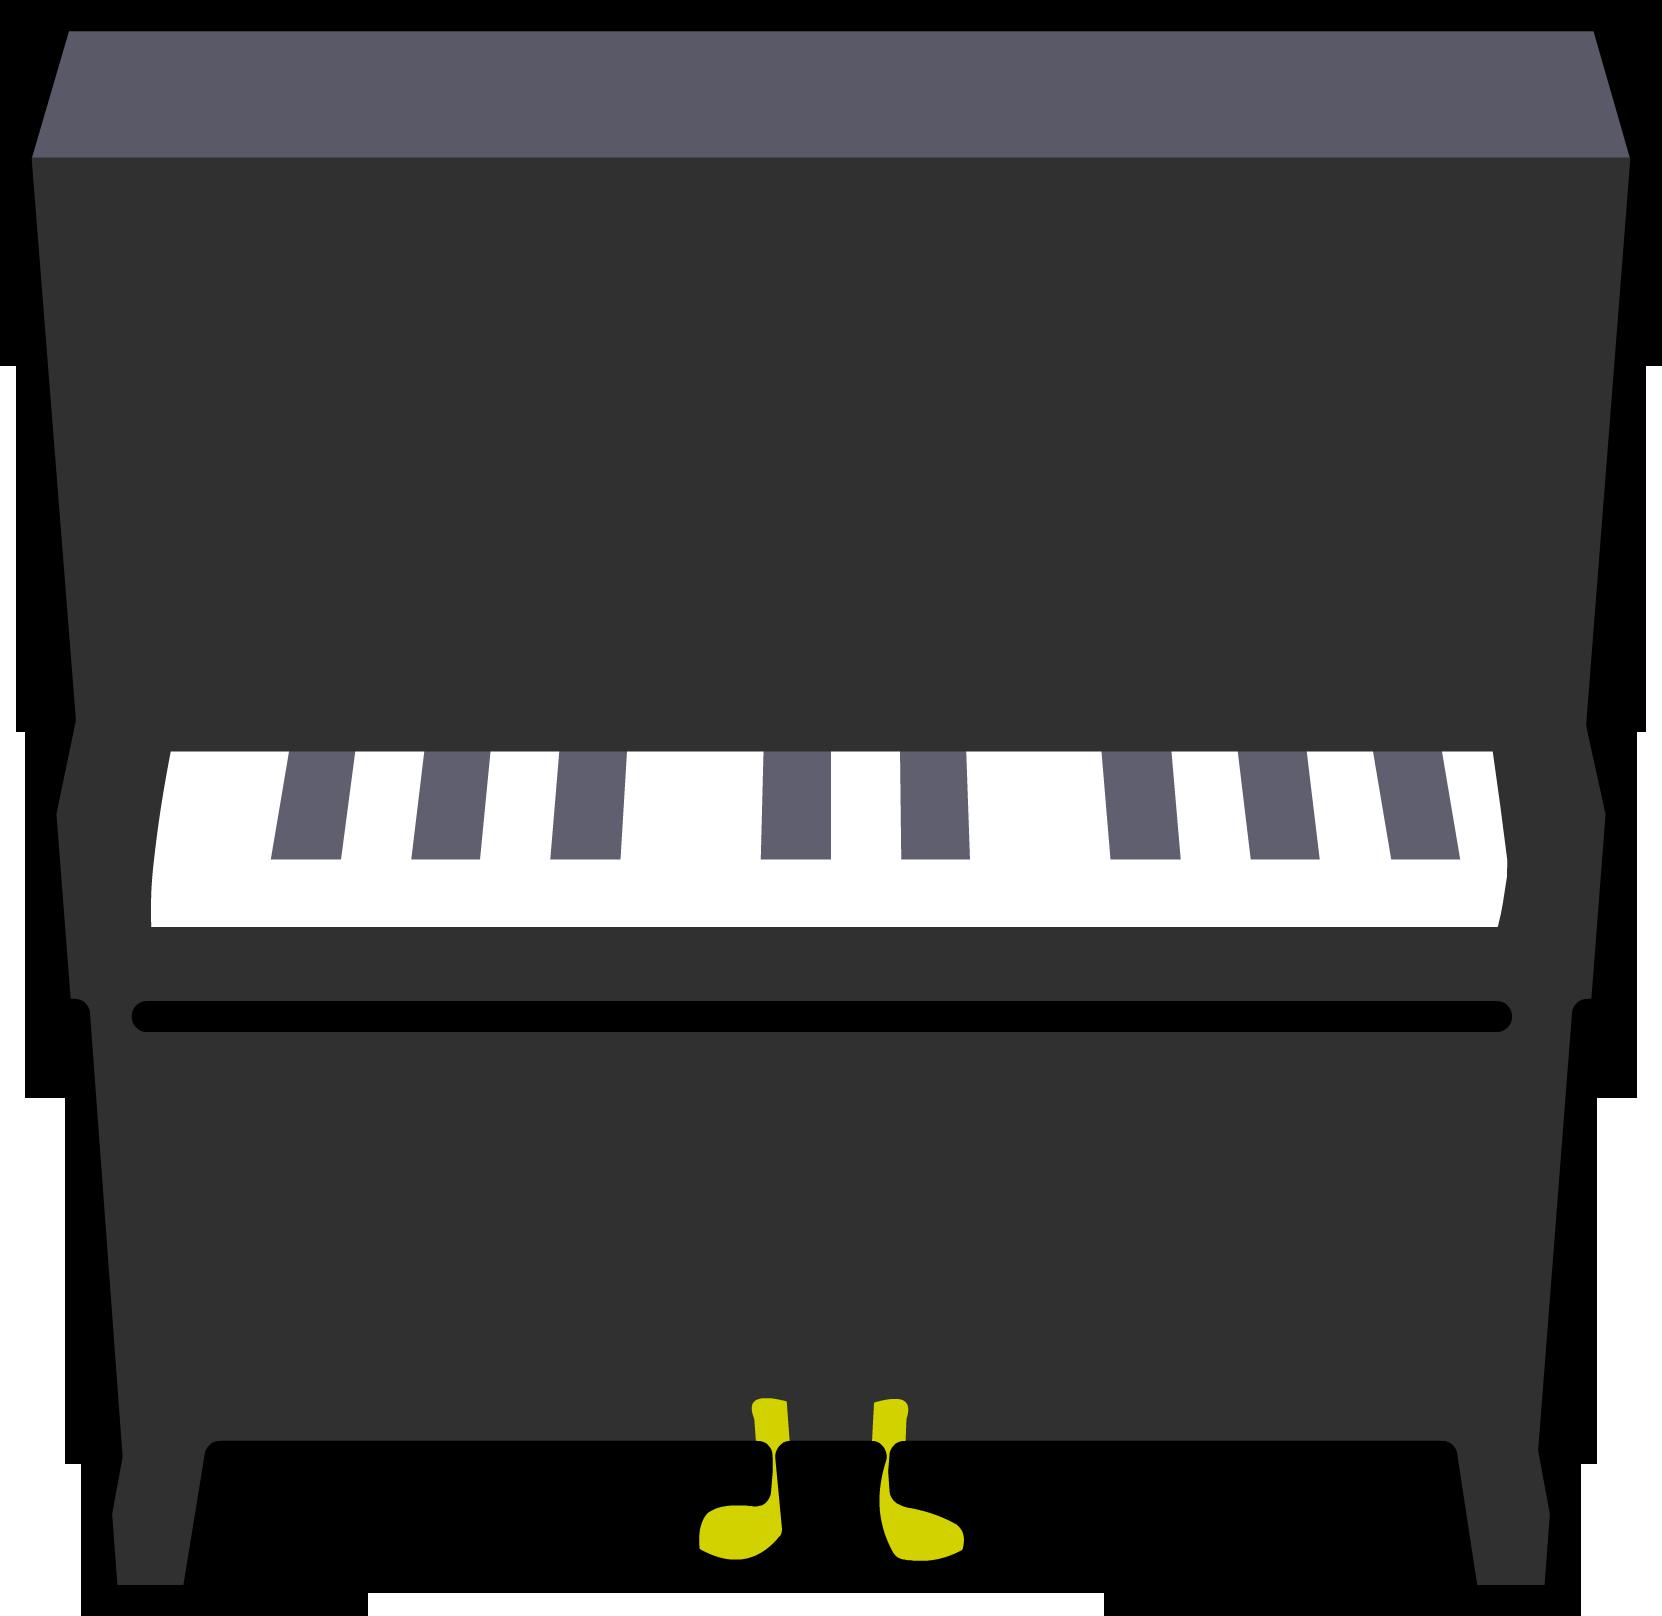 Piano clipart upright piano. Club penguin wiki fandom